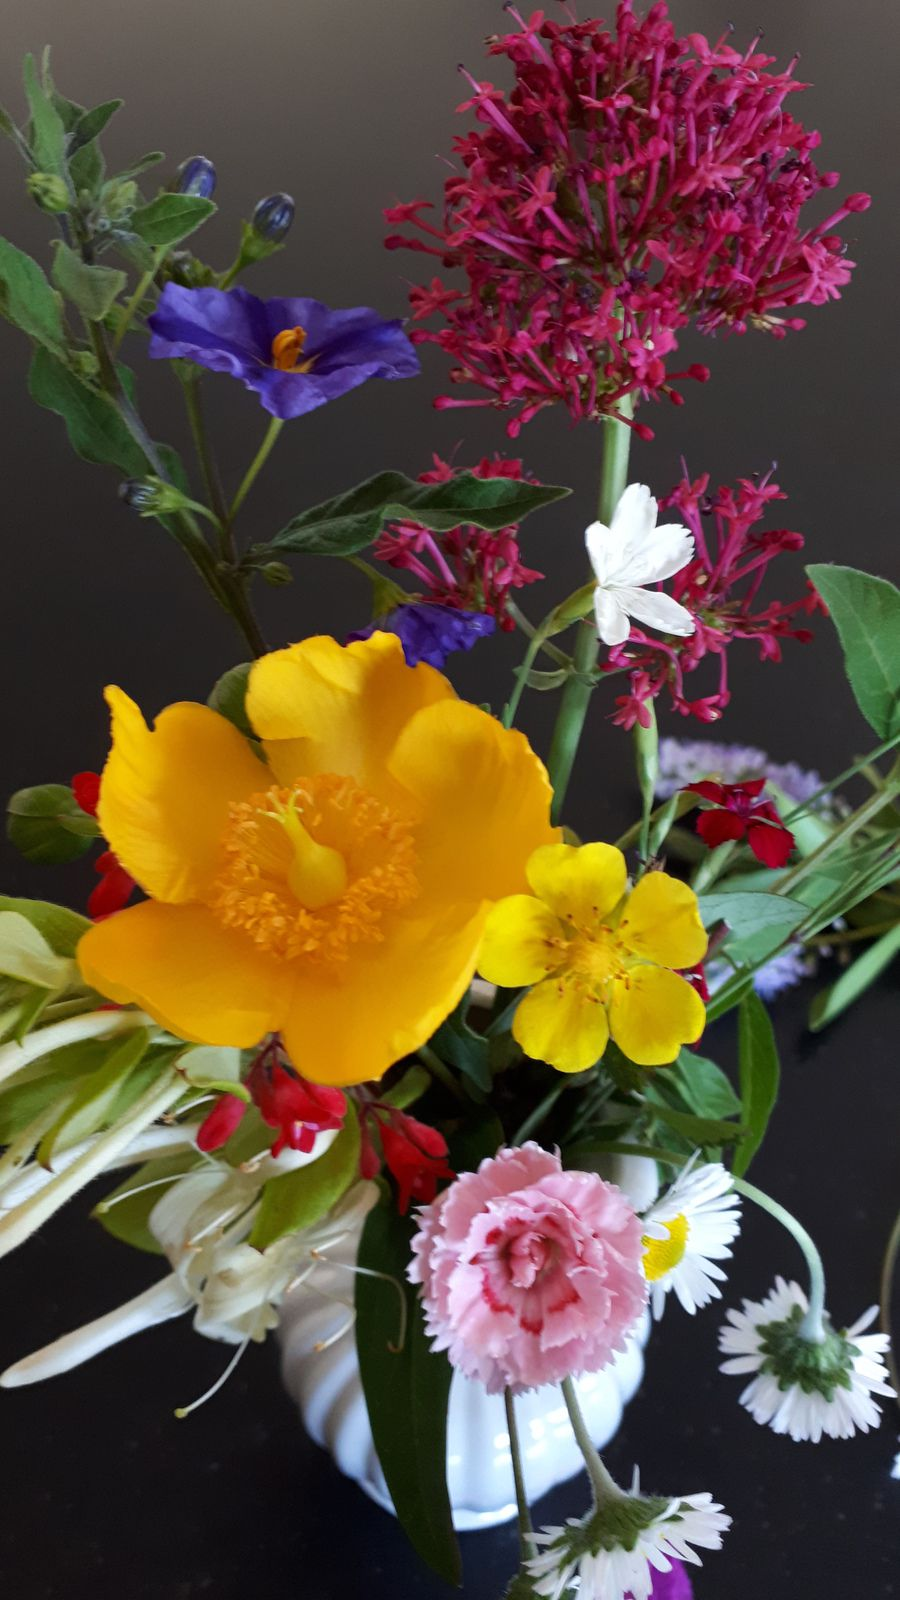 31 mai 2020, quelques fleurettes de mon jardin de Saint-Urbain (Vendée)